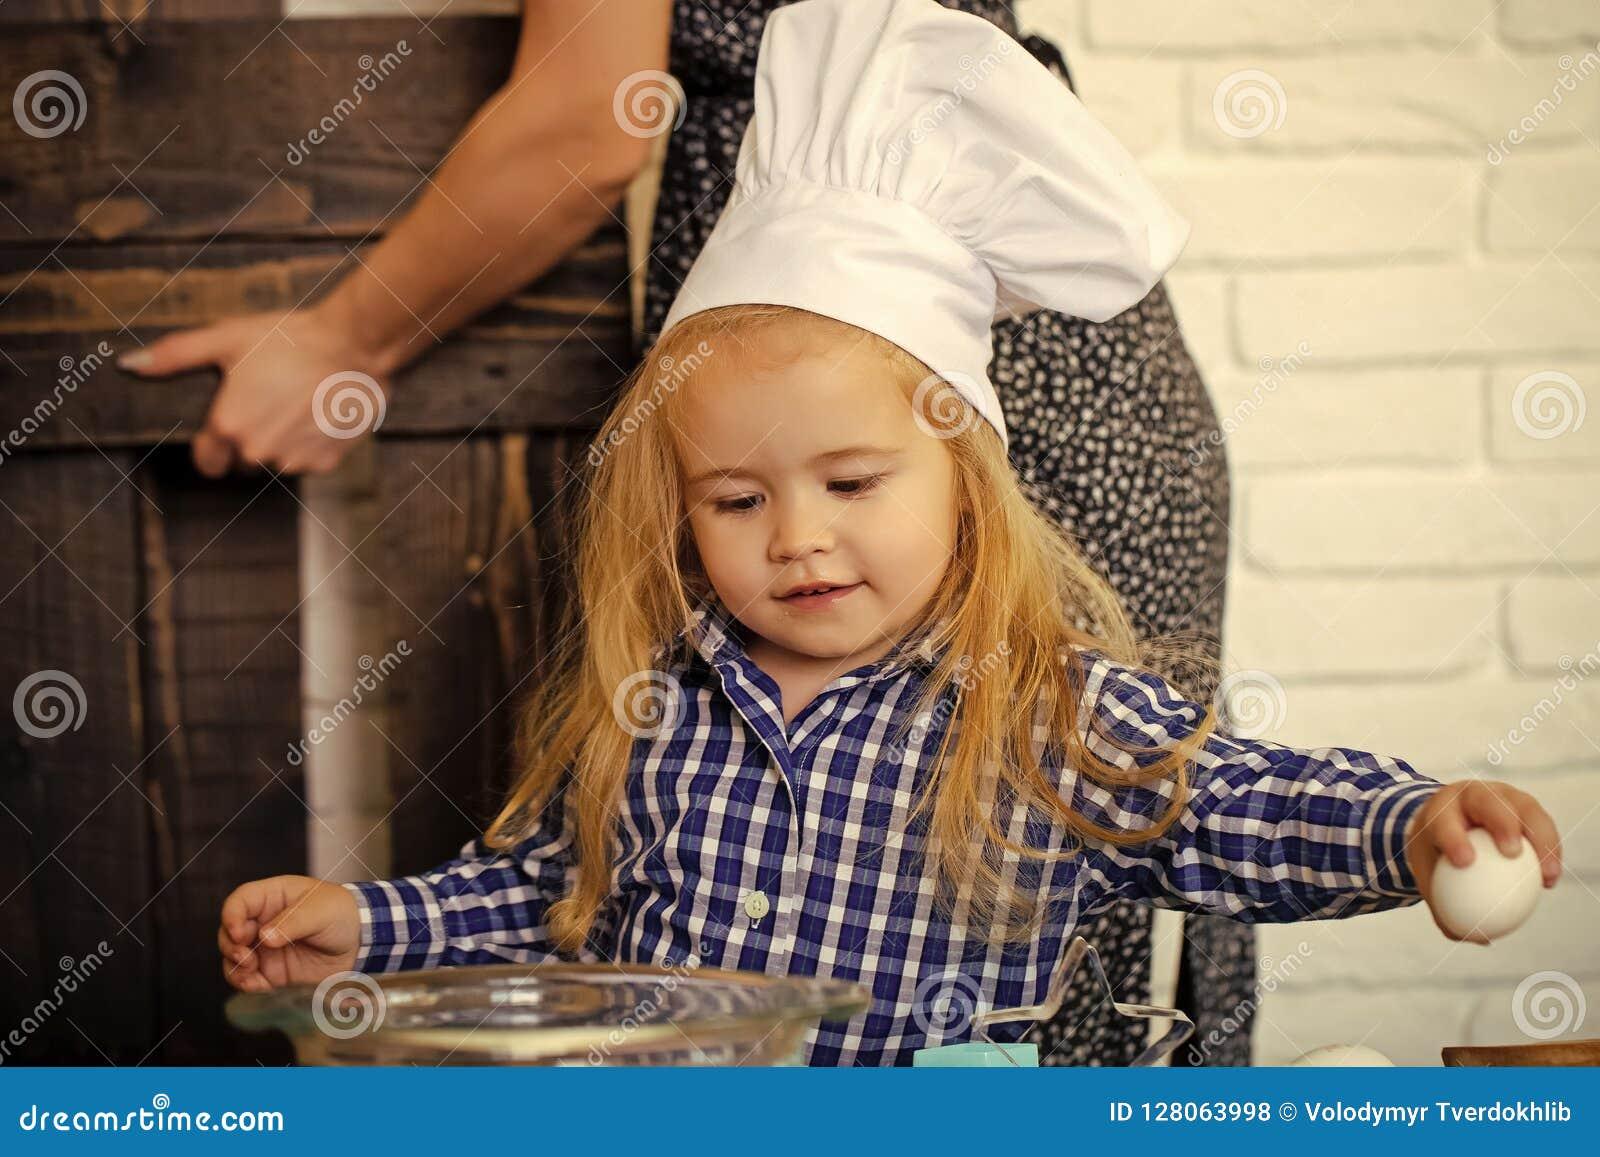 Barn i kockhatten som bryter ägget av bunken i kök